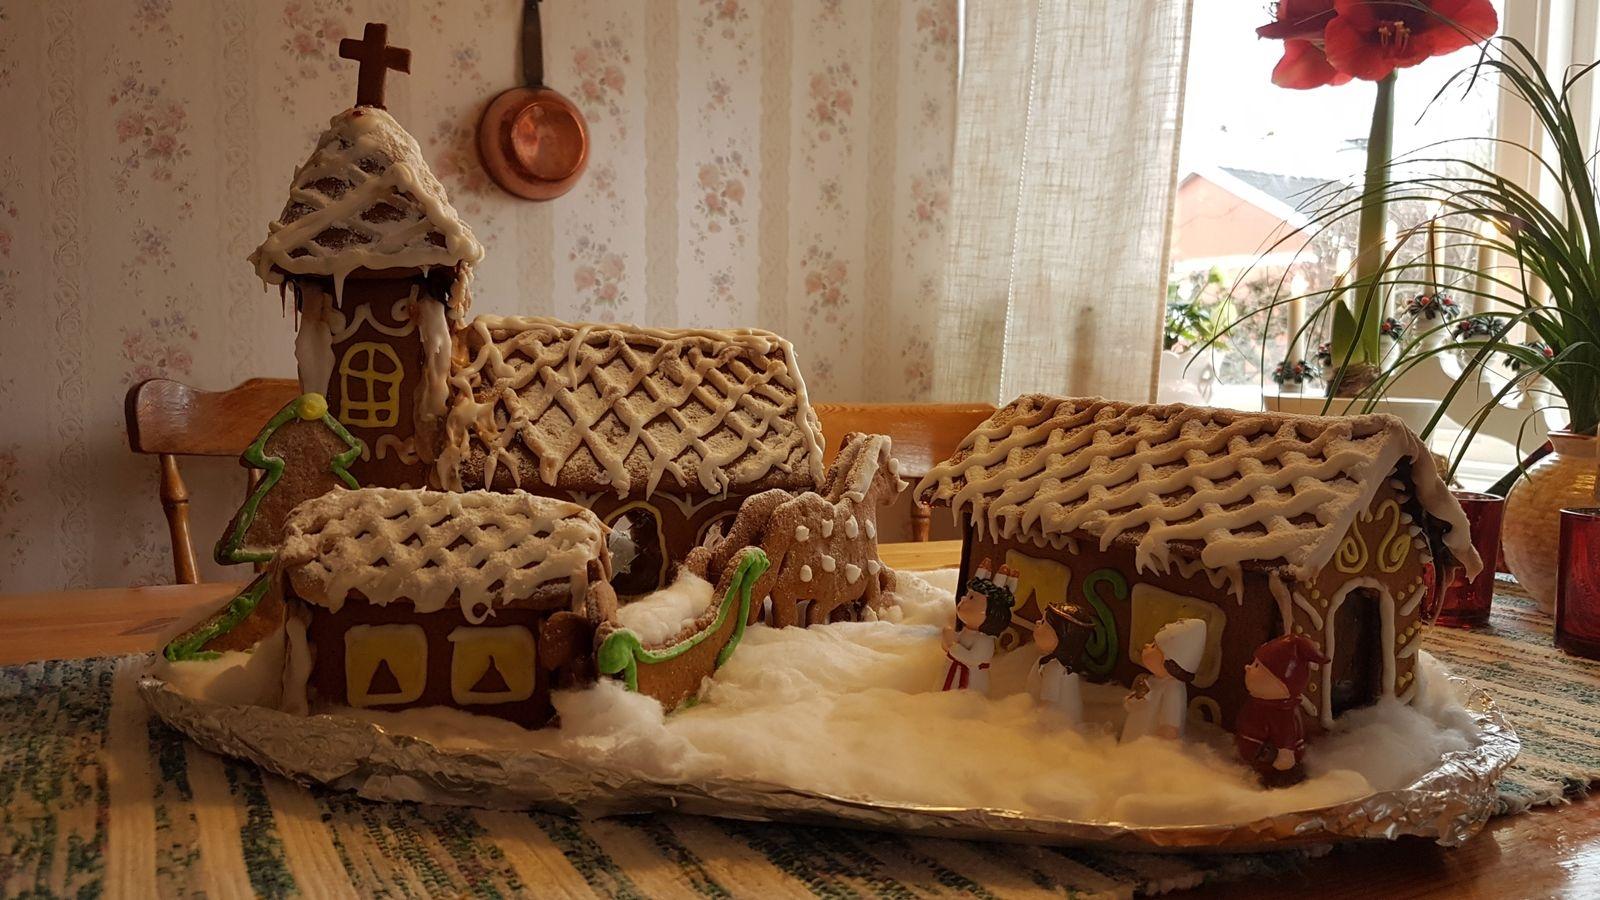 """Ingrid Jonsson har skickat in en bild på en fin pepparkakskyrka och berättar: """"Jag och mitt barnbarn Emma har gjort pepparkakshus inför jul i många år. Årets har vi tänkt oss ska vara en luciamorgon i en kyrkby med kyrka, prästgård och klockargård."""""""